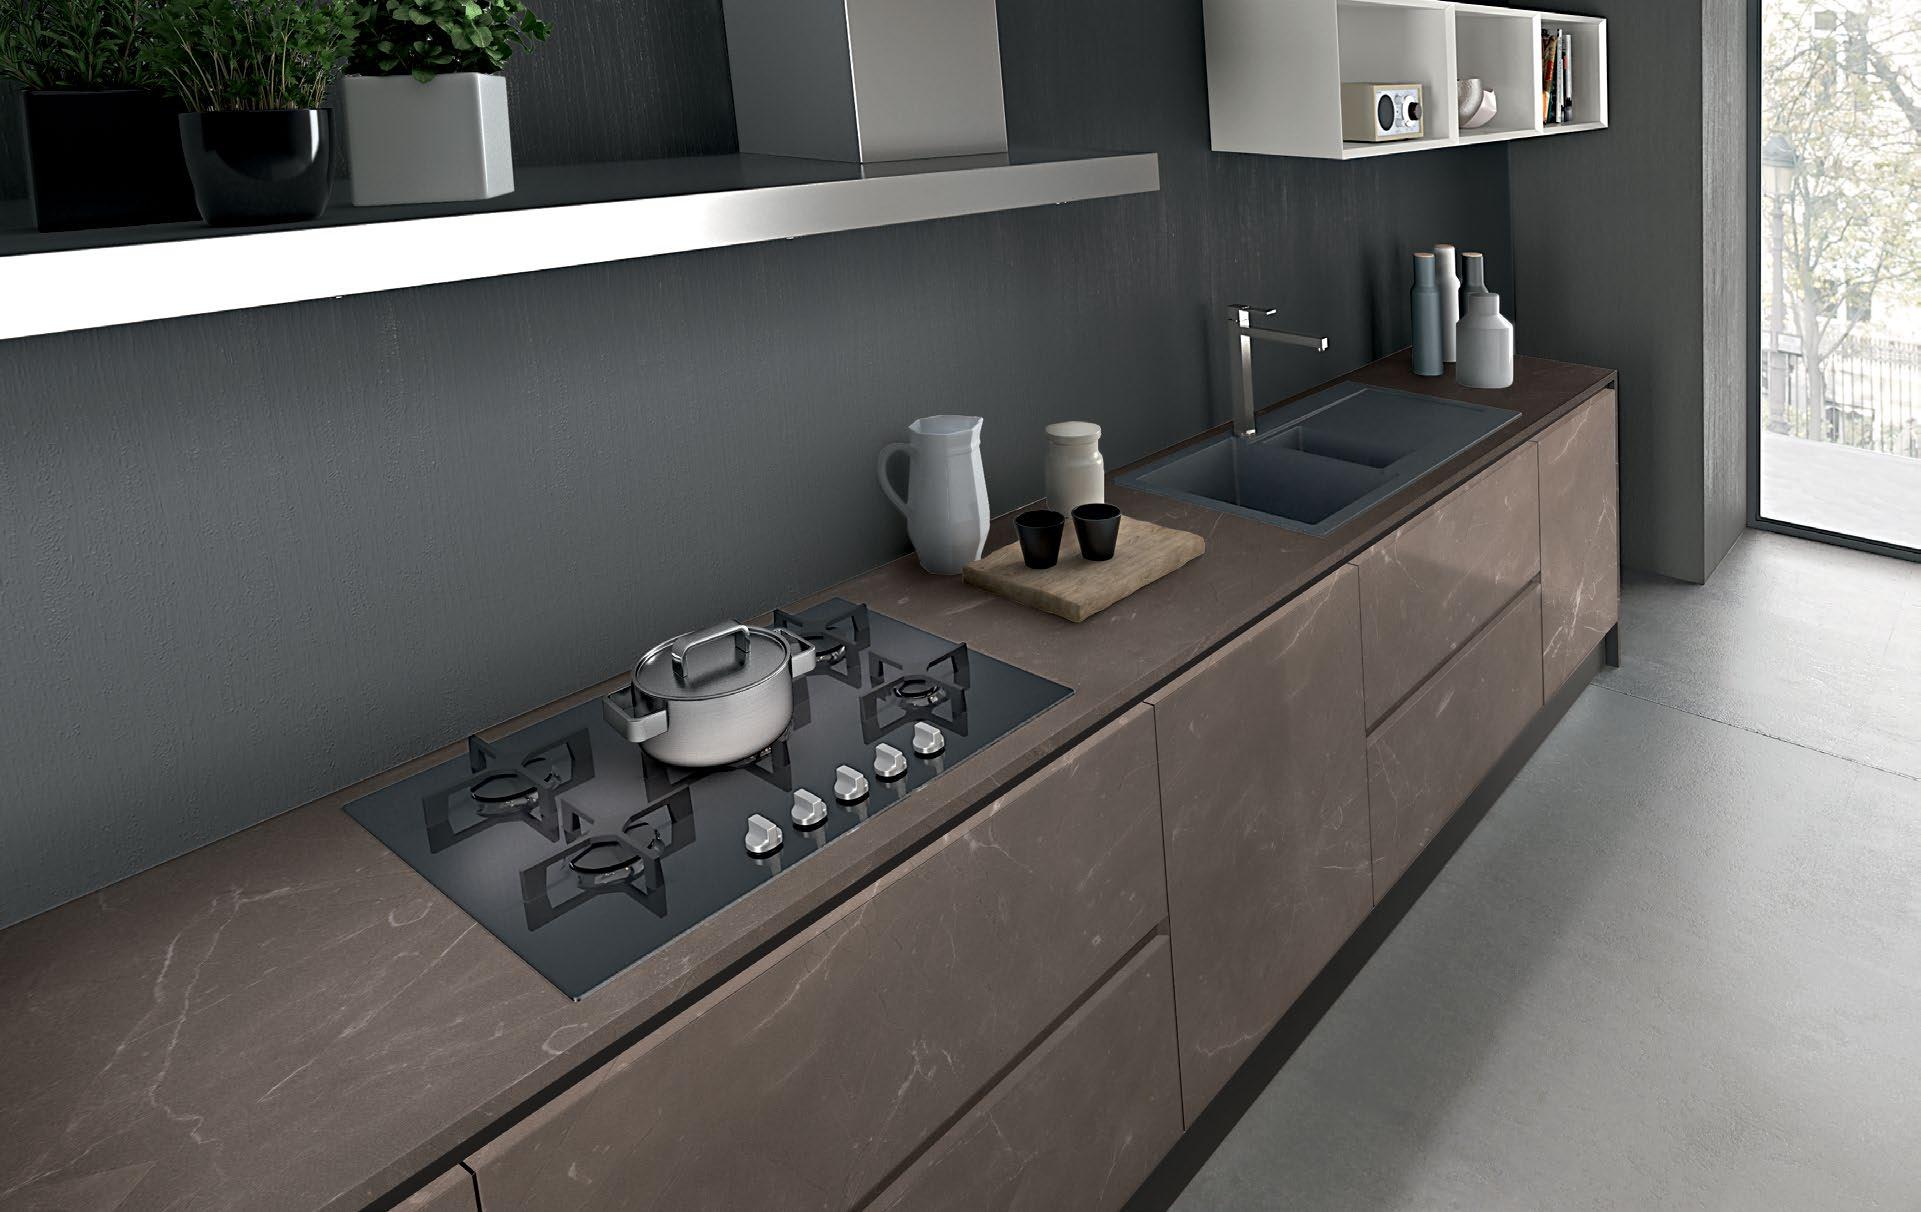 plan de travail imitation pierre prix d un plan de travail de cuisine plan de travail imitation. Black Bedroom Furniture Sets. Home Design Ideas